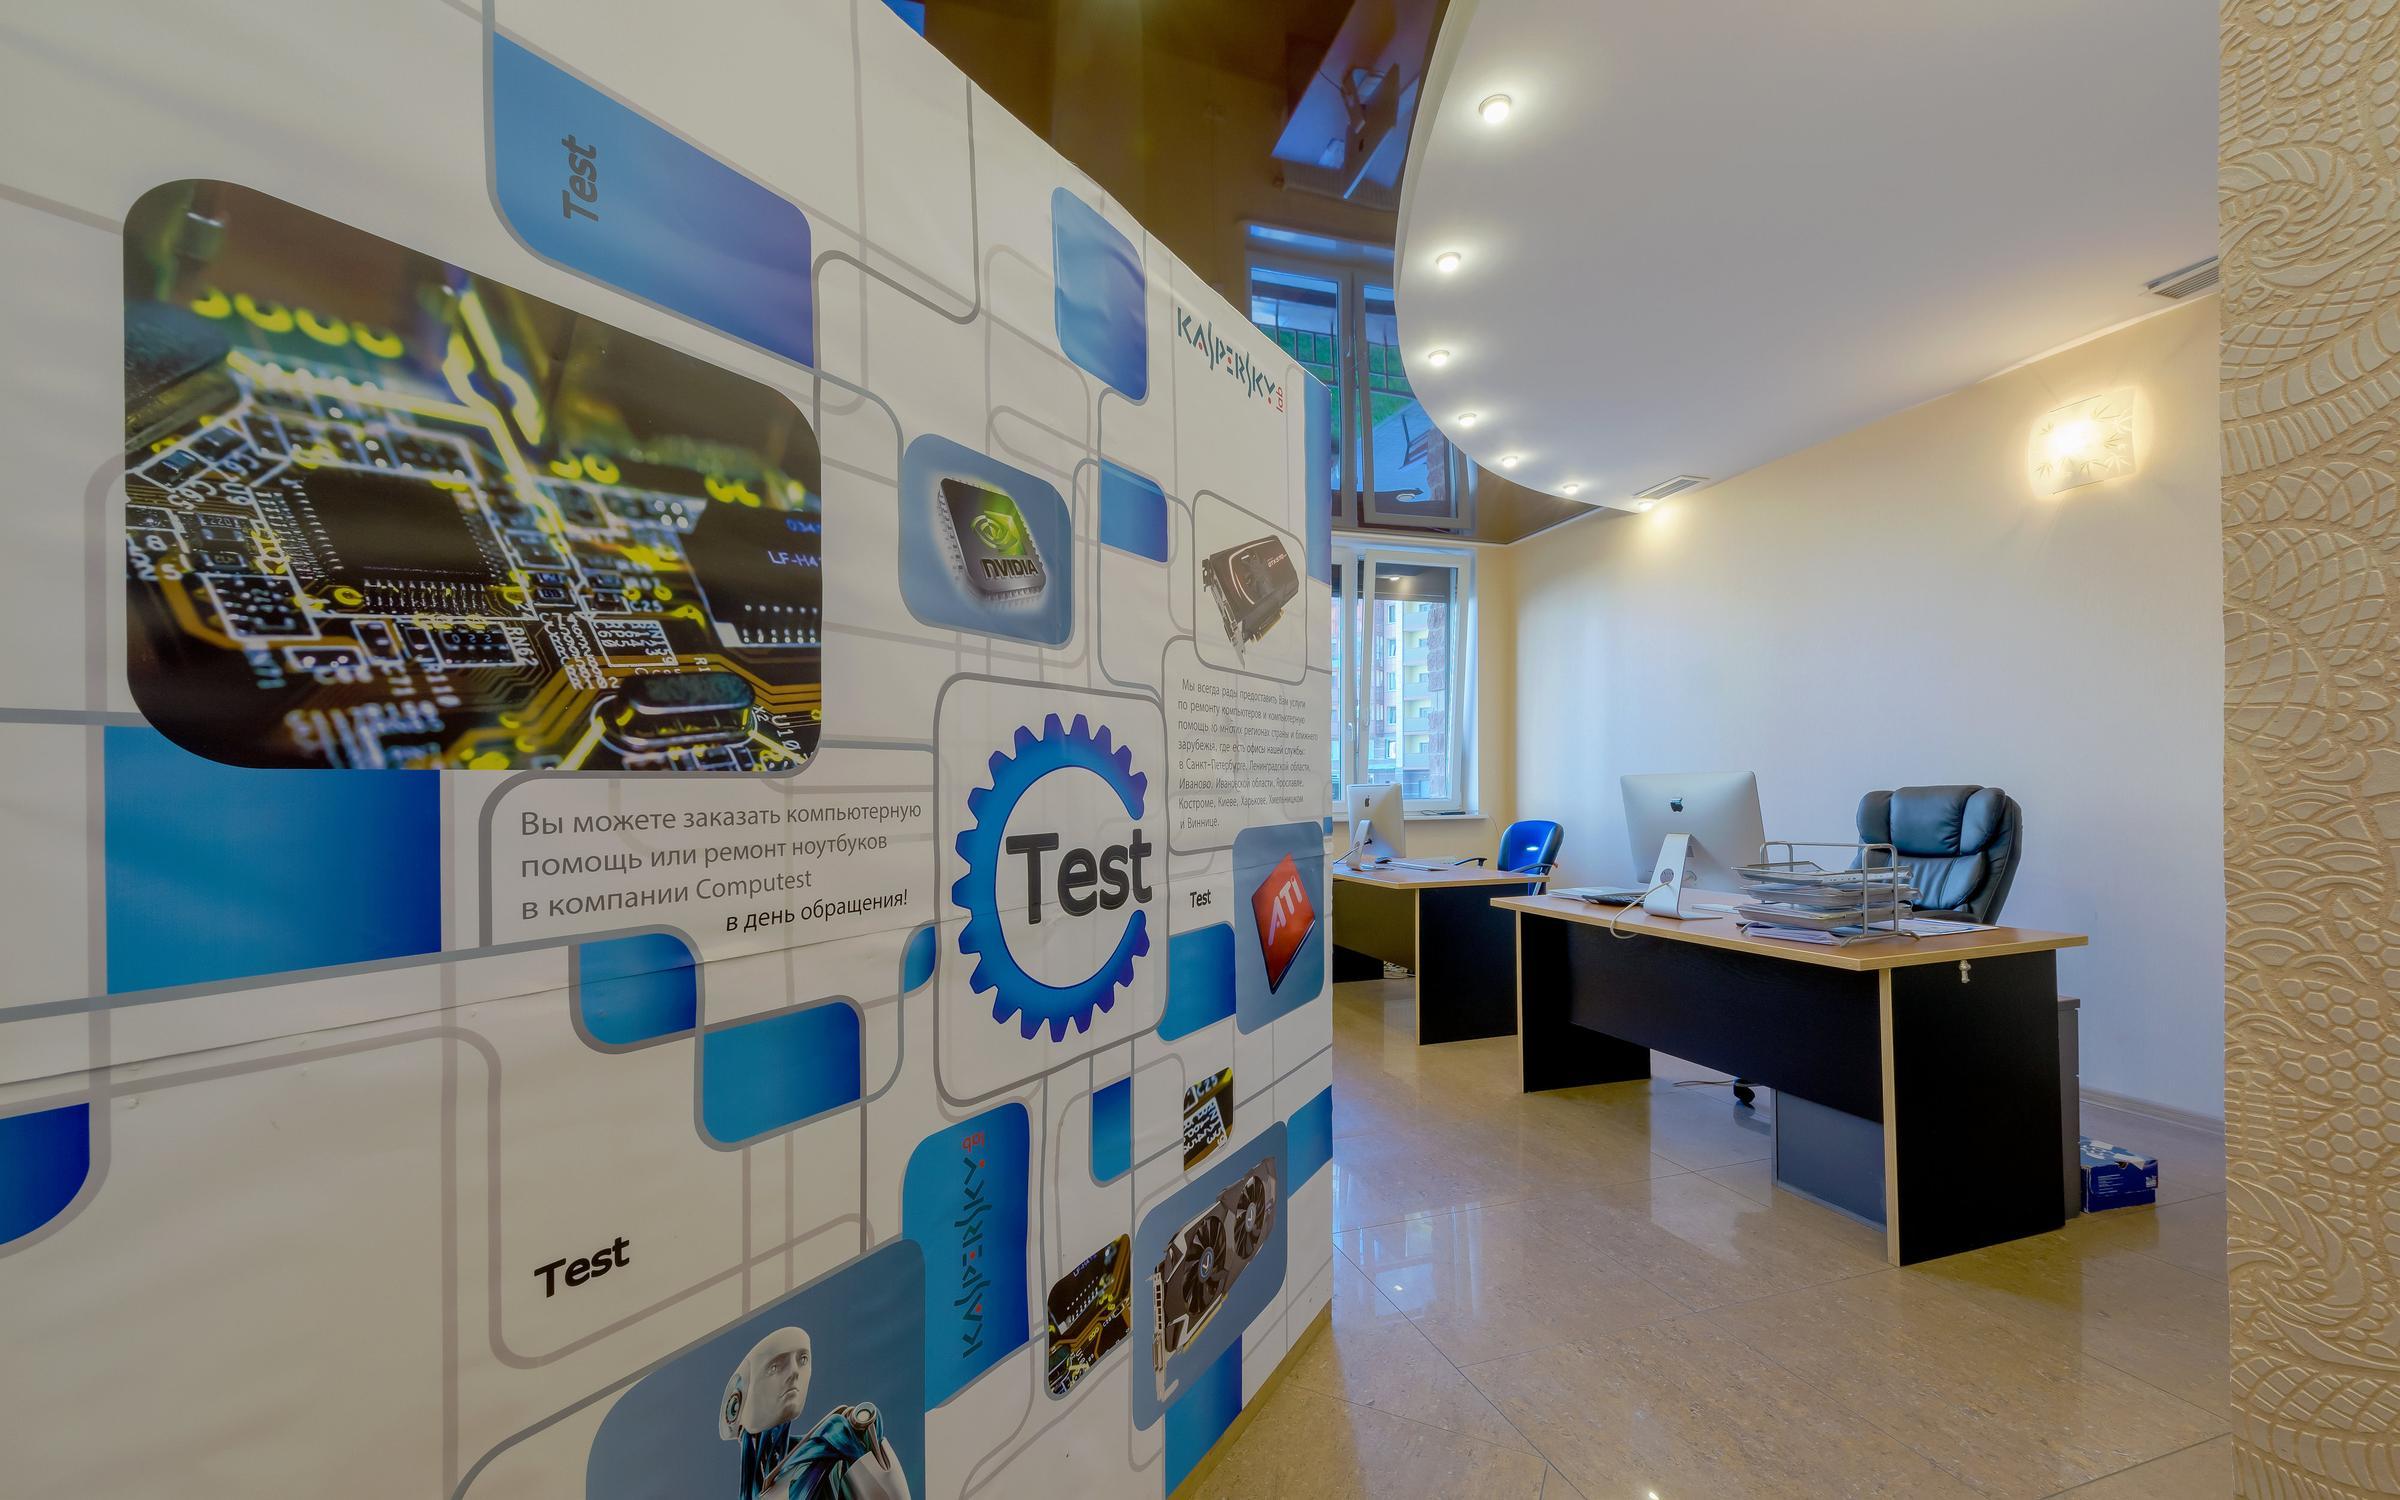 фотография Сервисного центра Computest на проспекте Королёва